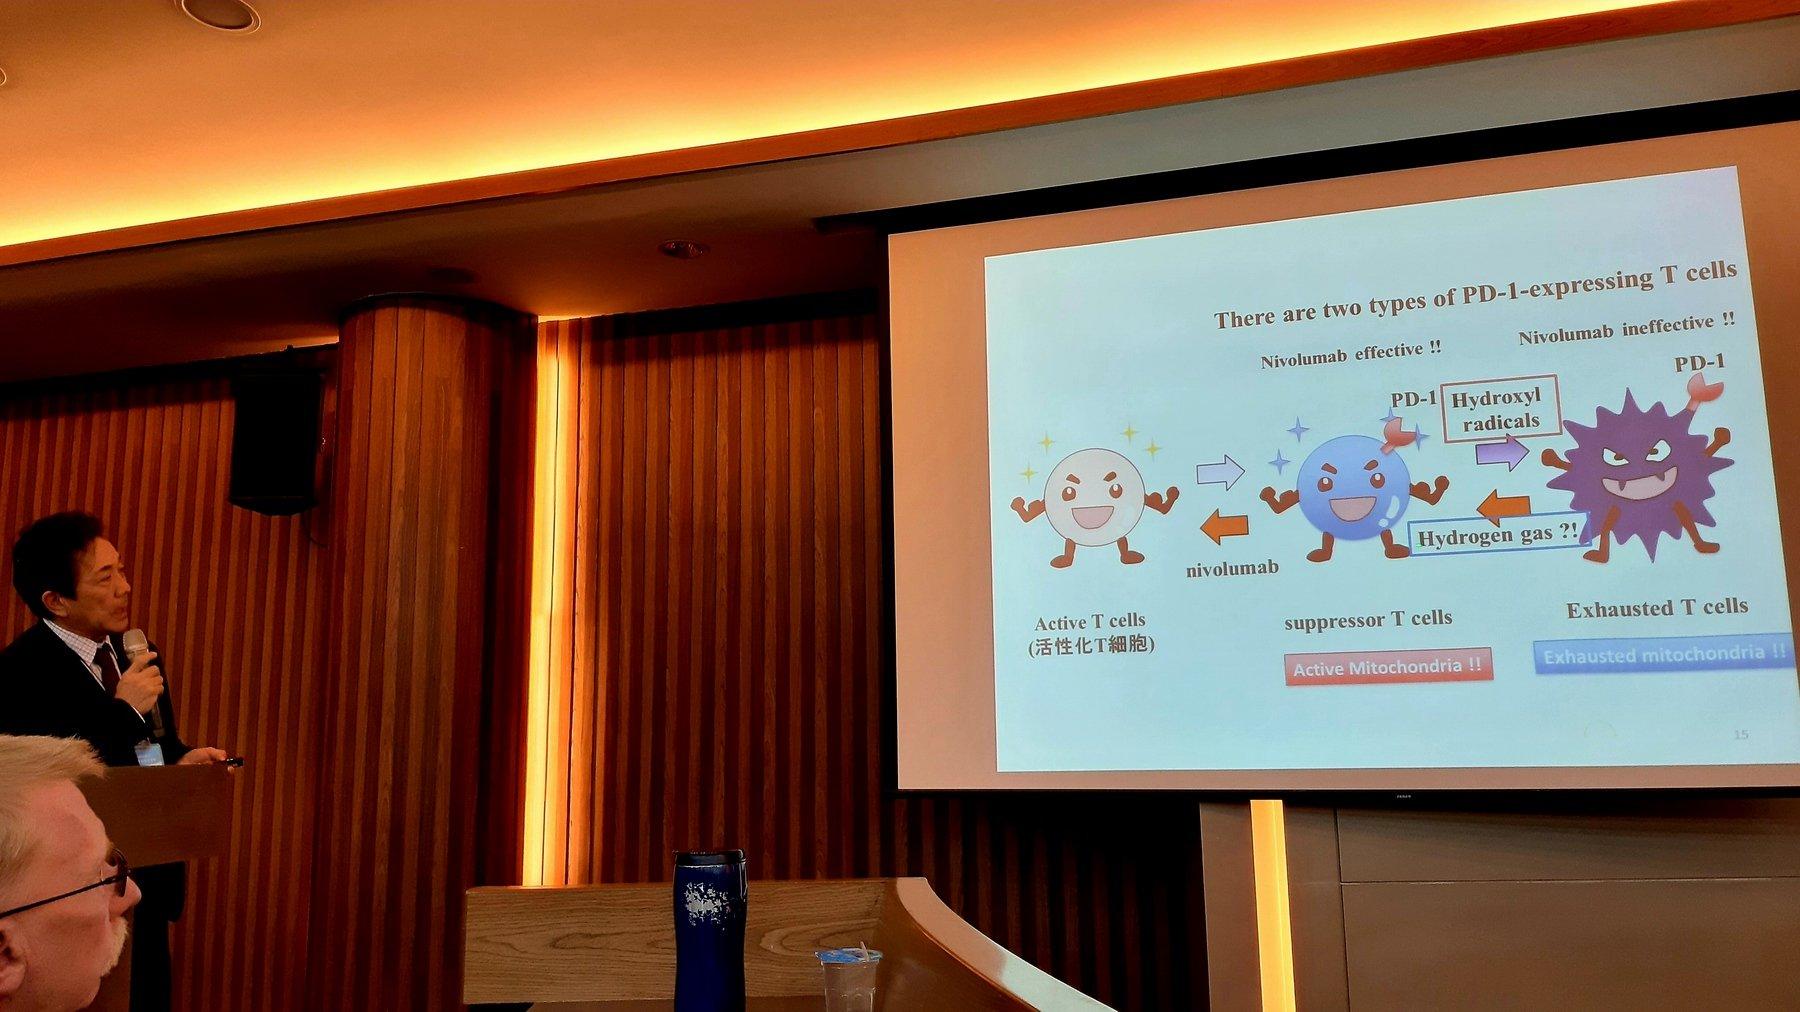 輔英科大- 氫氧 免疫輔助療法應用新趨勢研討會-醫界先進研討 癌症 免疫 長照 保健 -赤木純兒 院長 發表內容